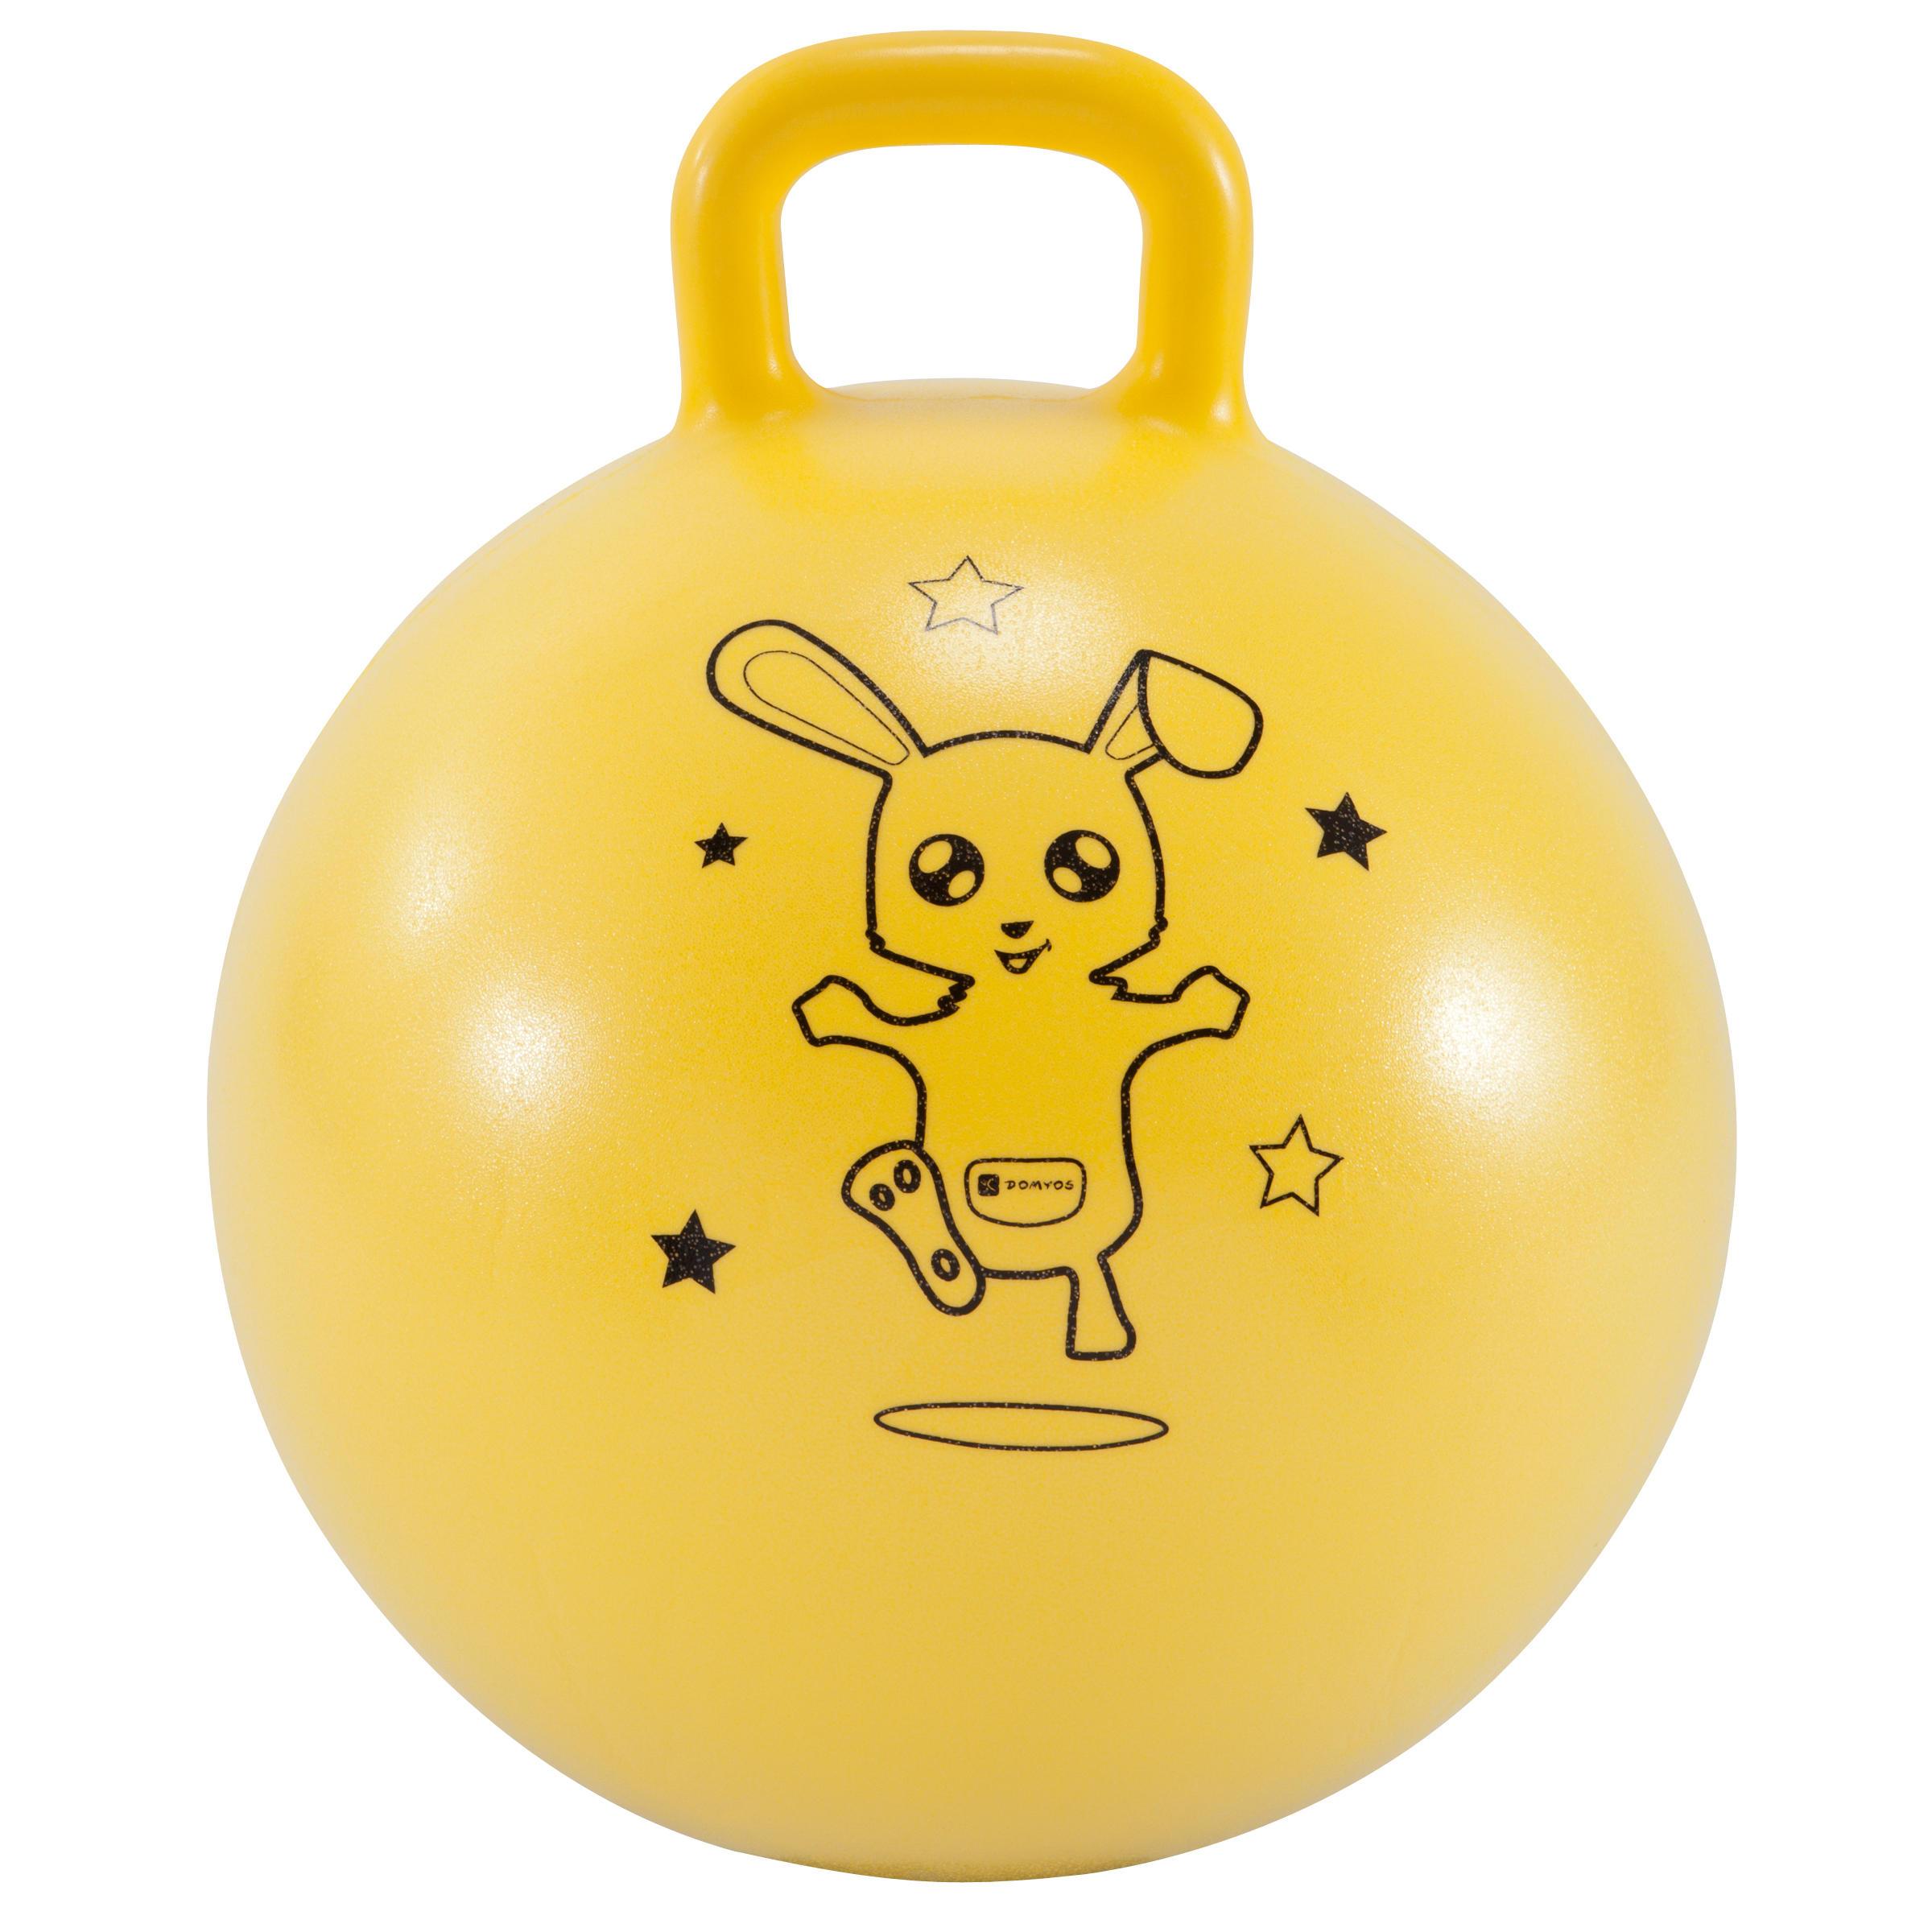 Ballon Sauteur...